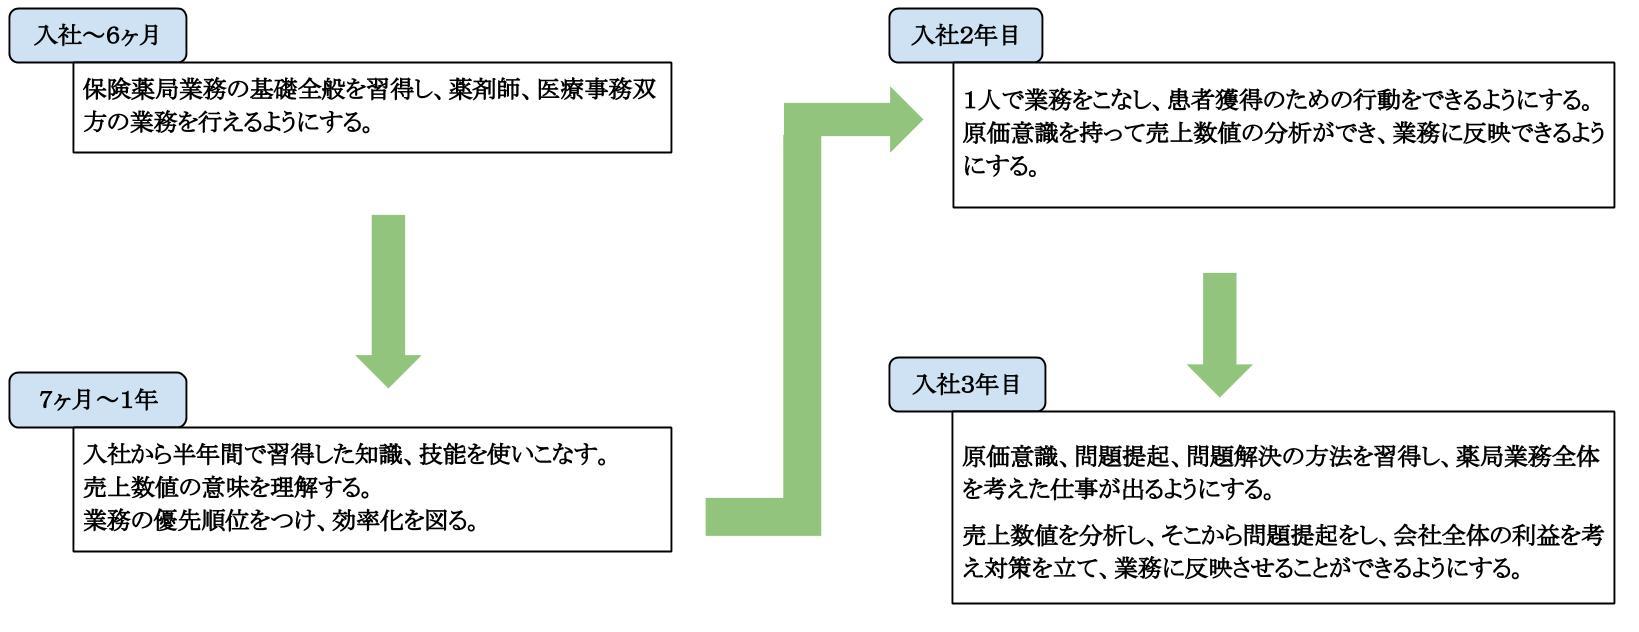 新卒採用(入社~3年目)